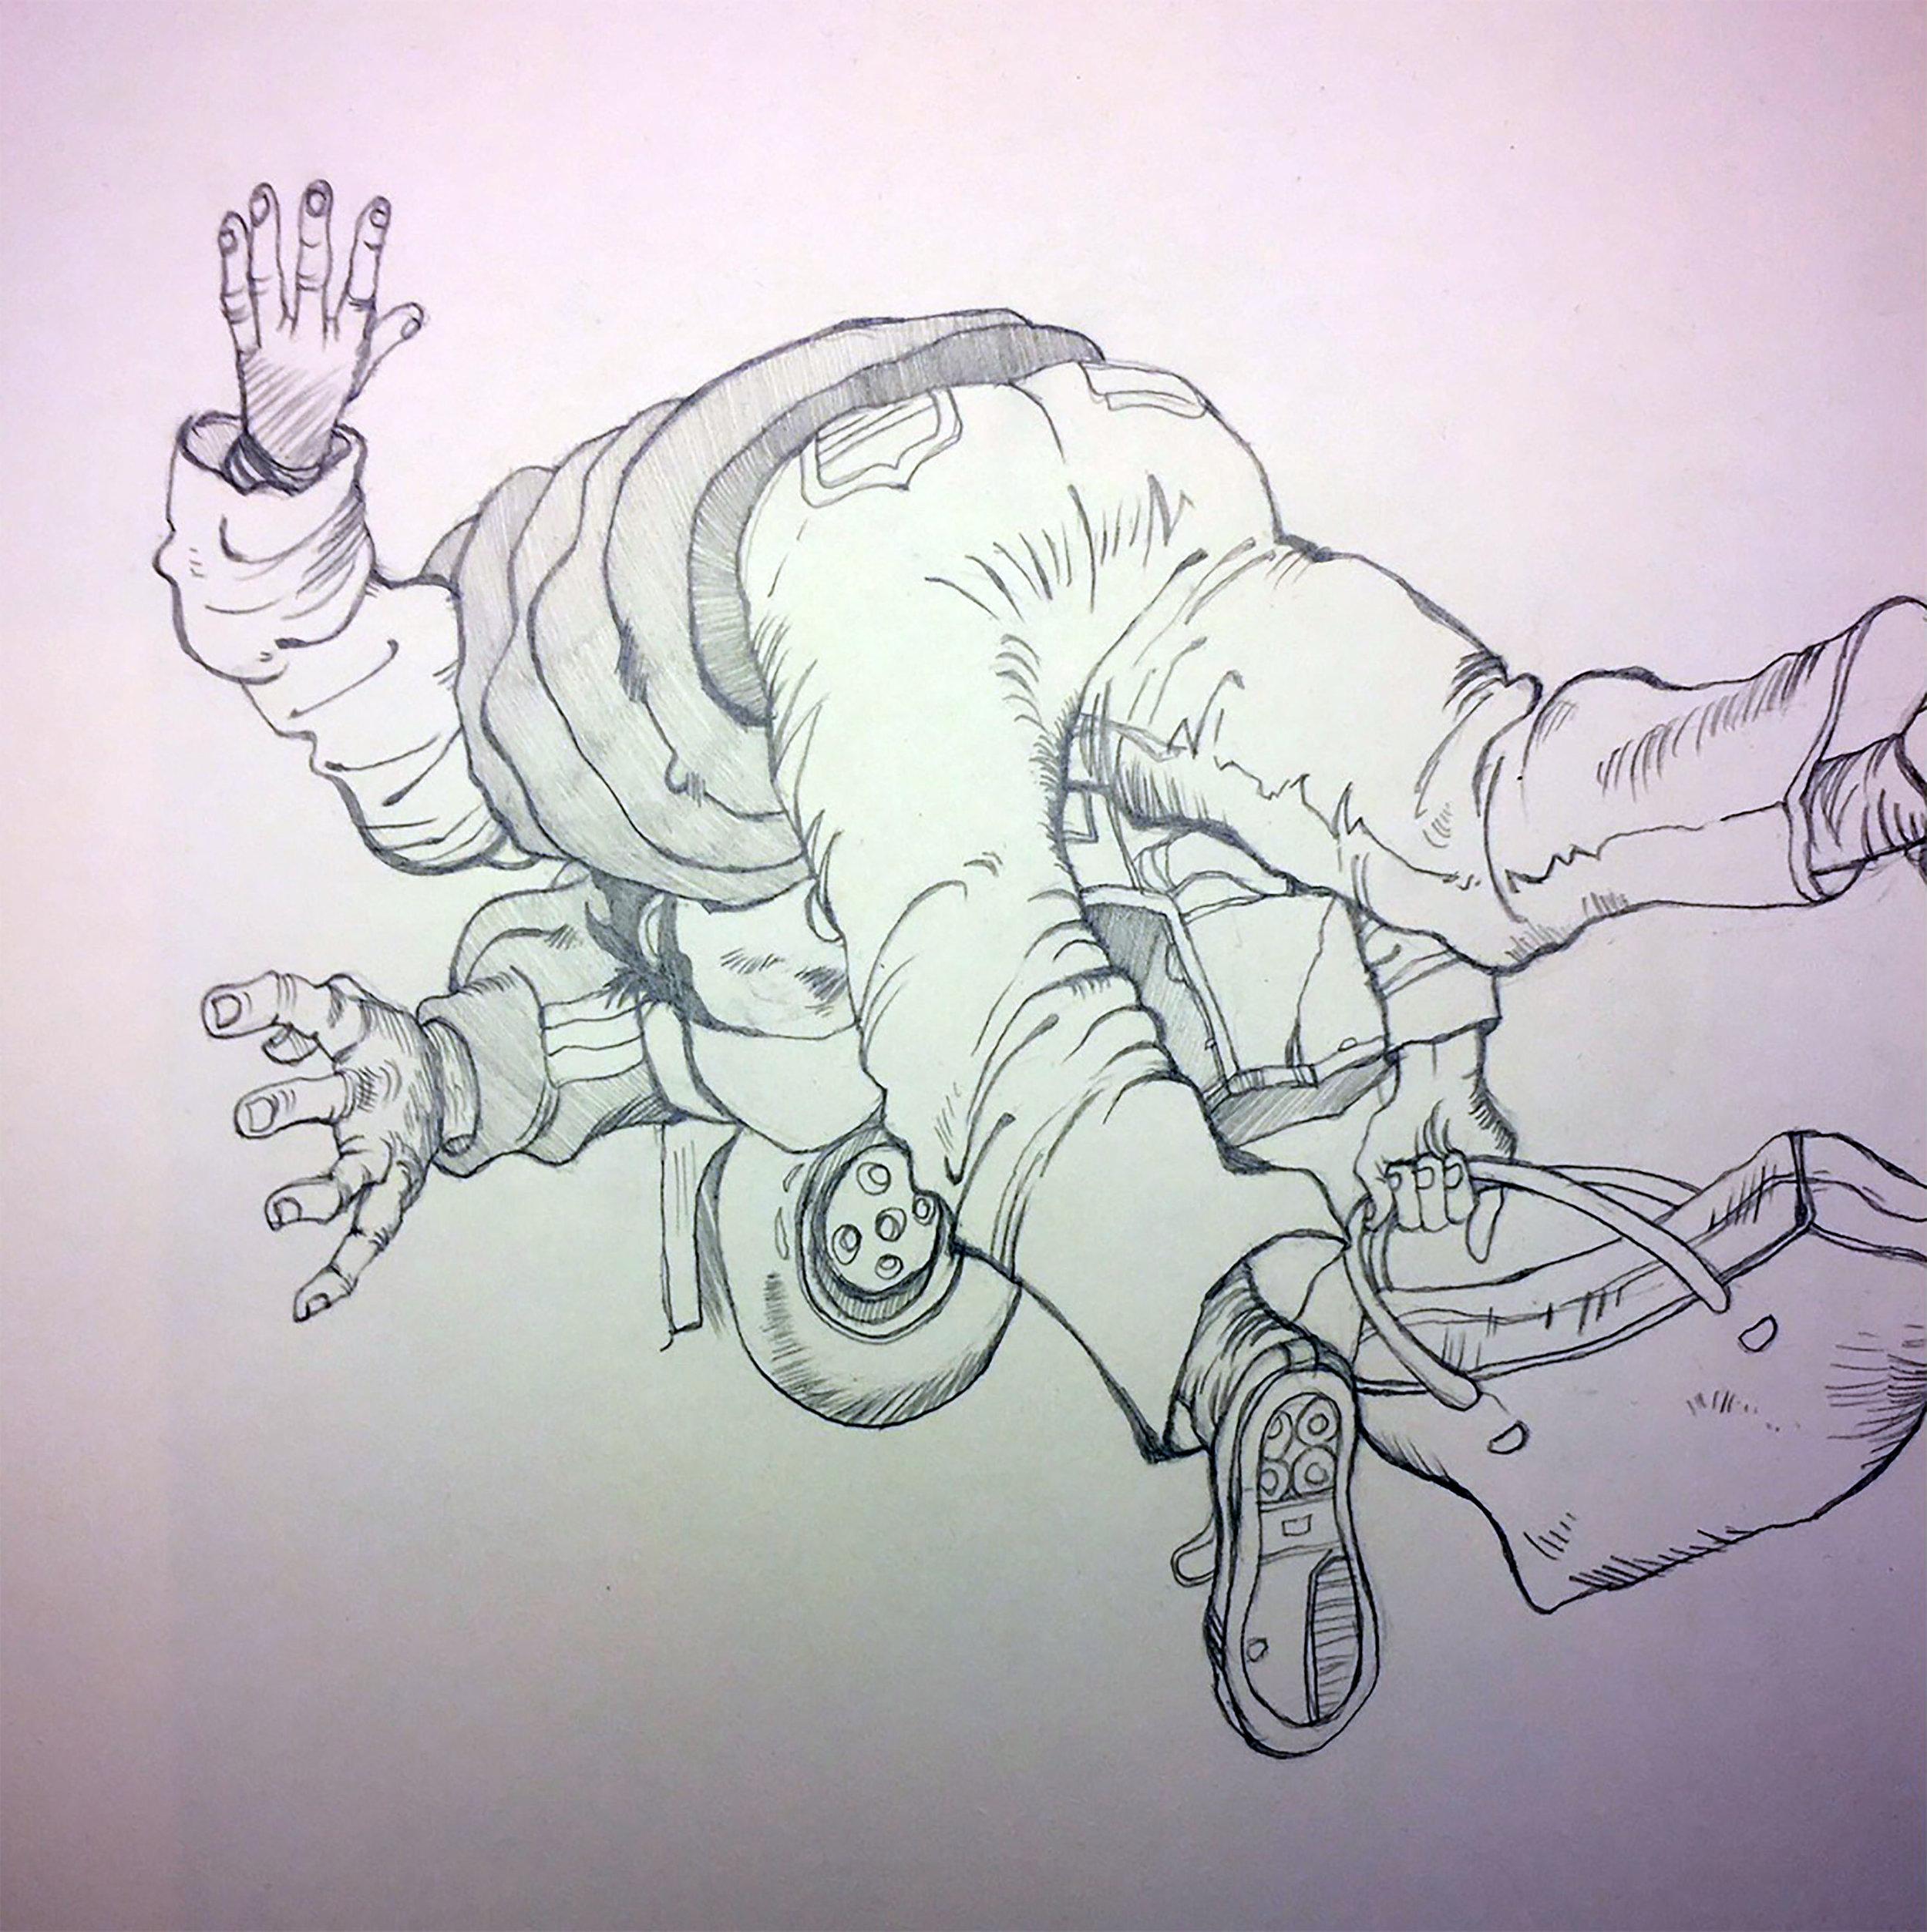 Space Gesture Sketch.jpg